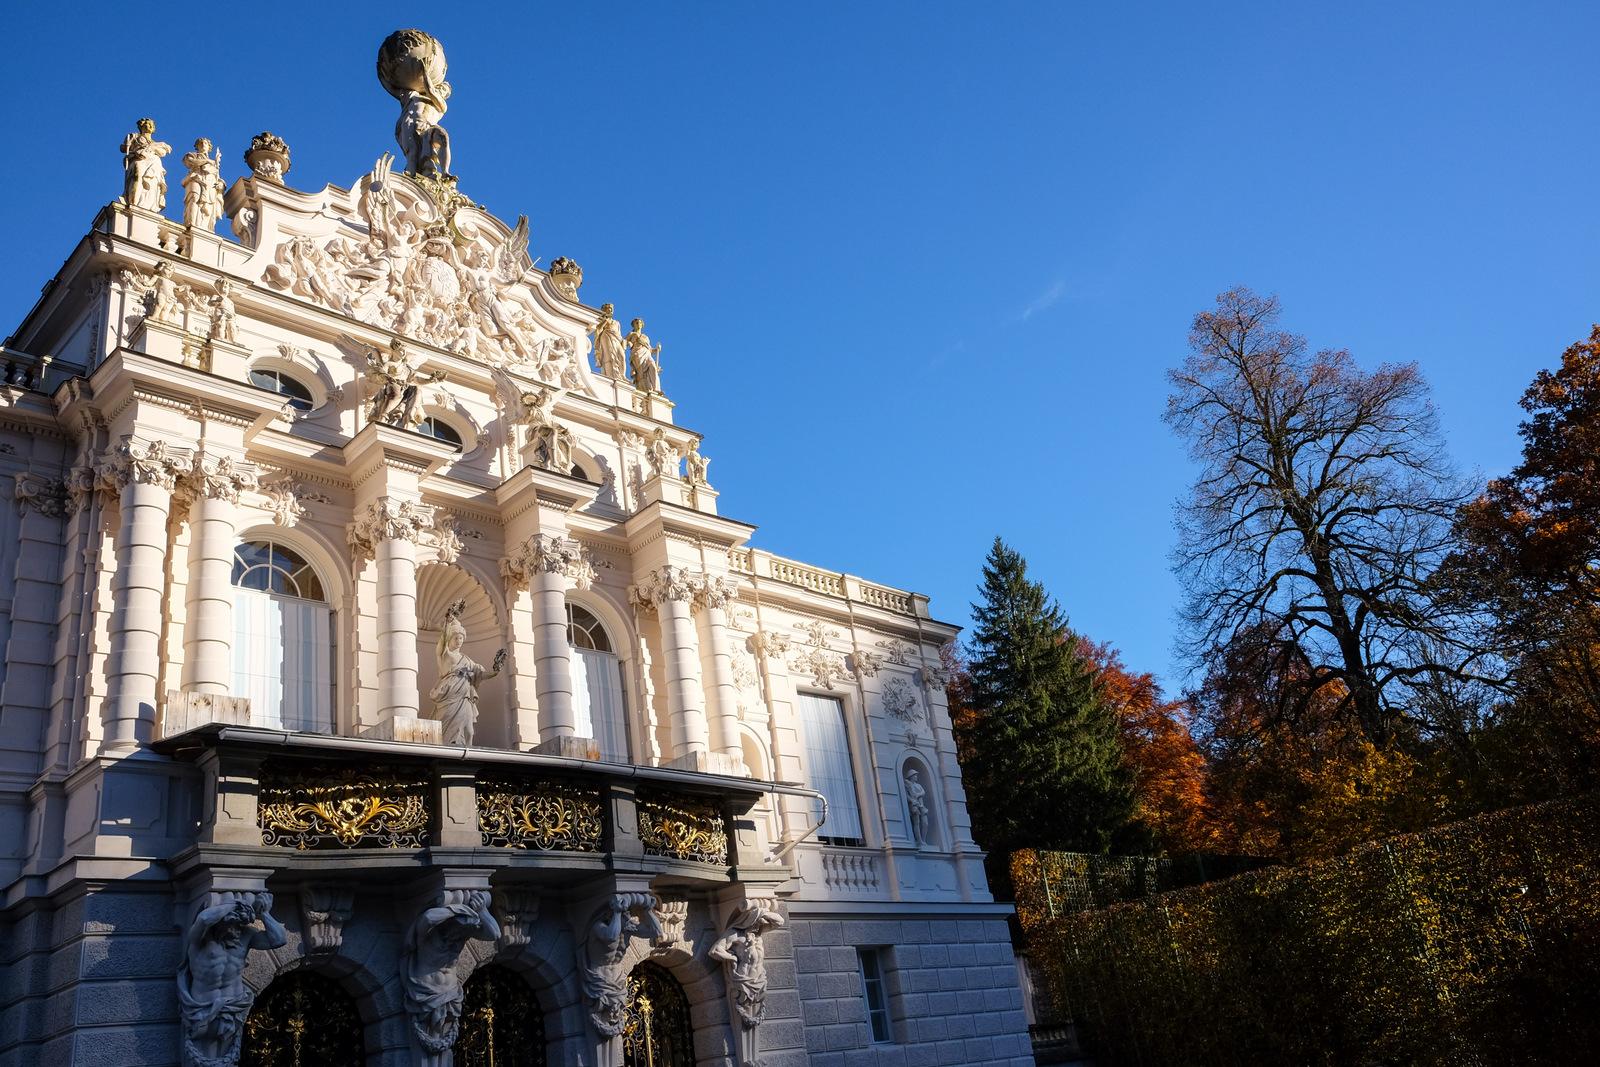 Cafe Schlosshotel @ Linderhof Palace & Park, Germany